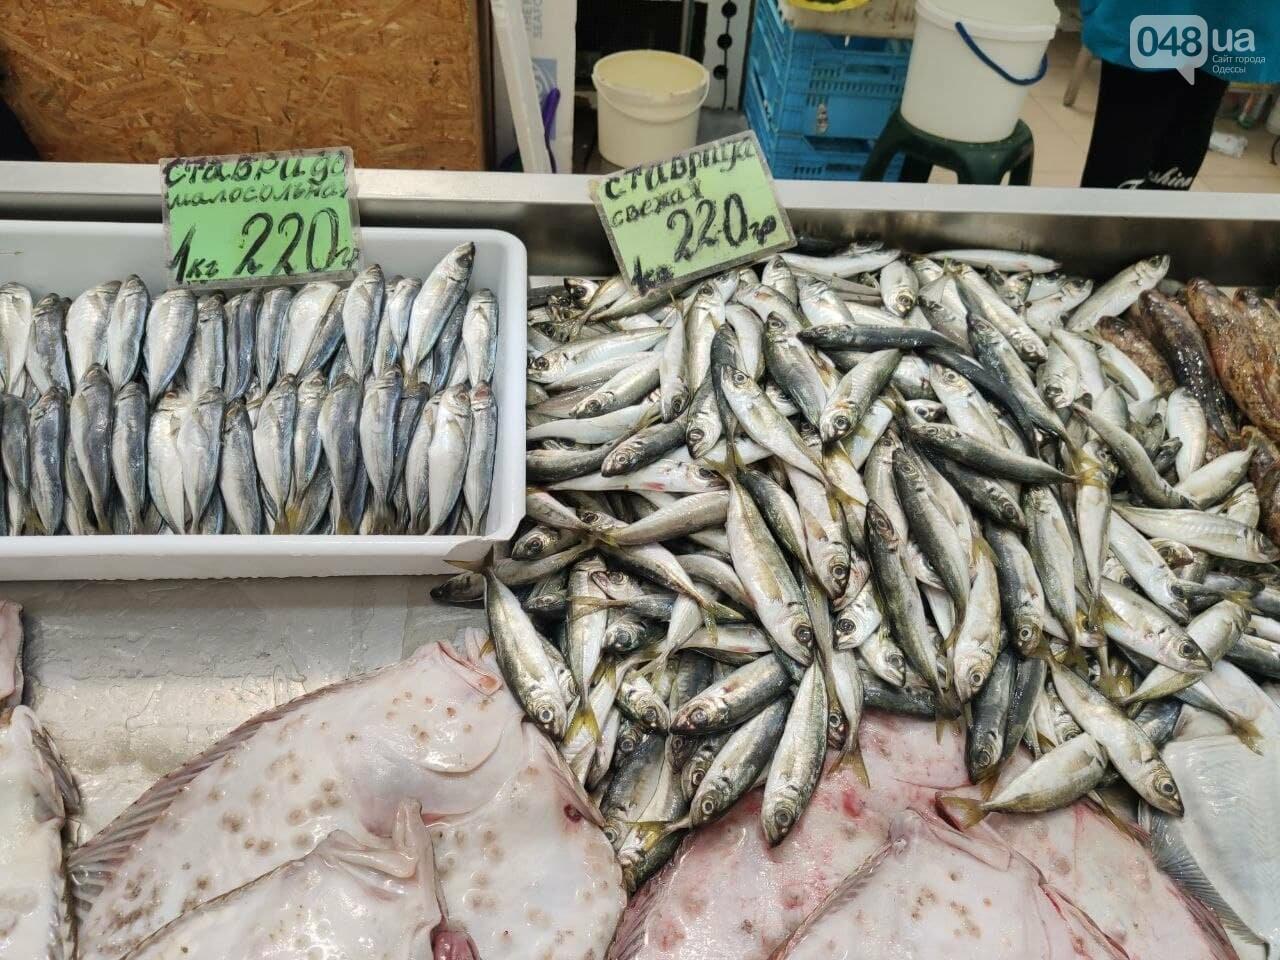 Рапаны, ставрида и кефаль: рыбный четверг на одесском Привозе, - ФОТО, фото-3